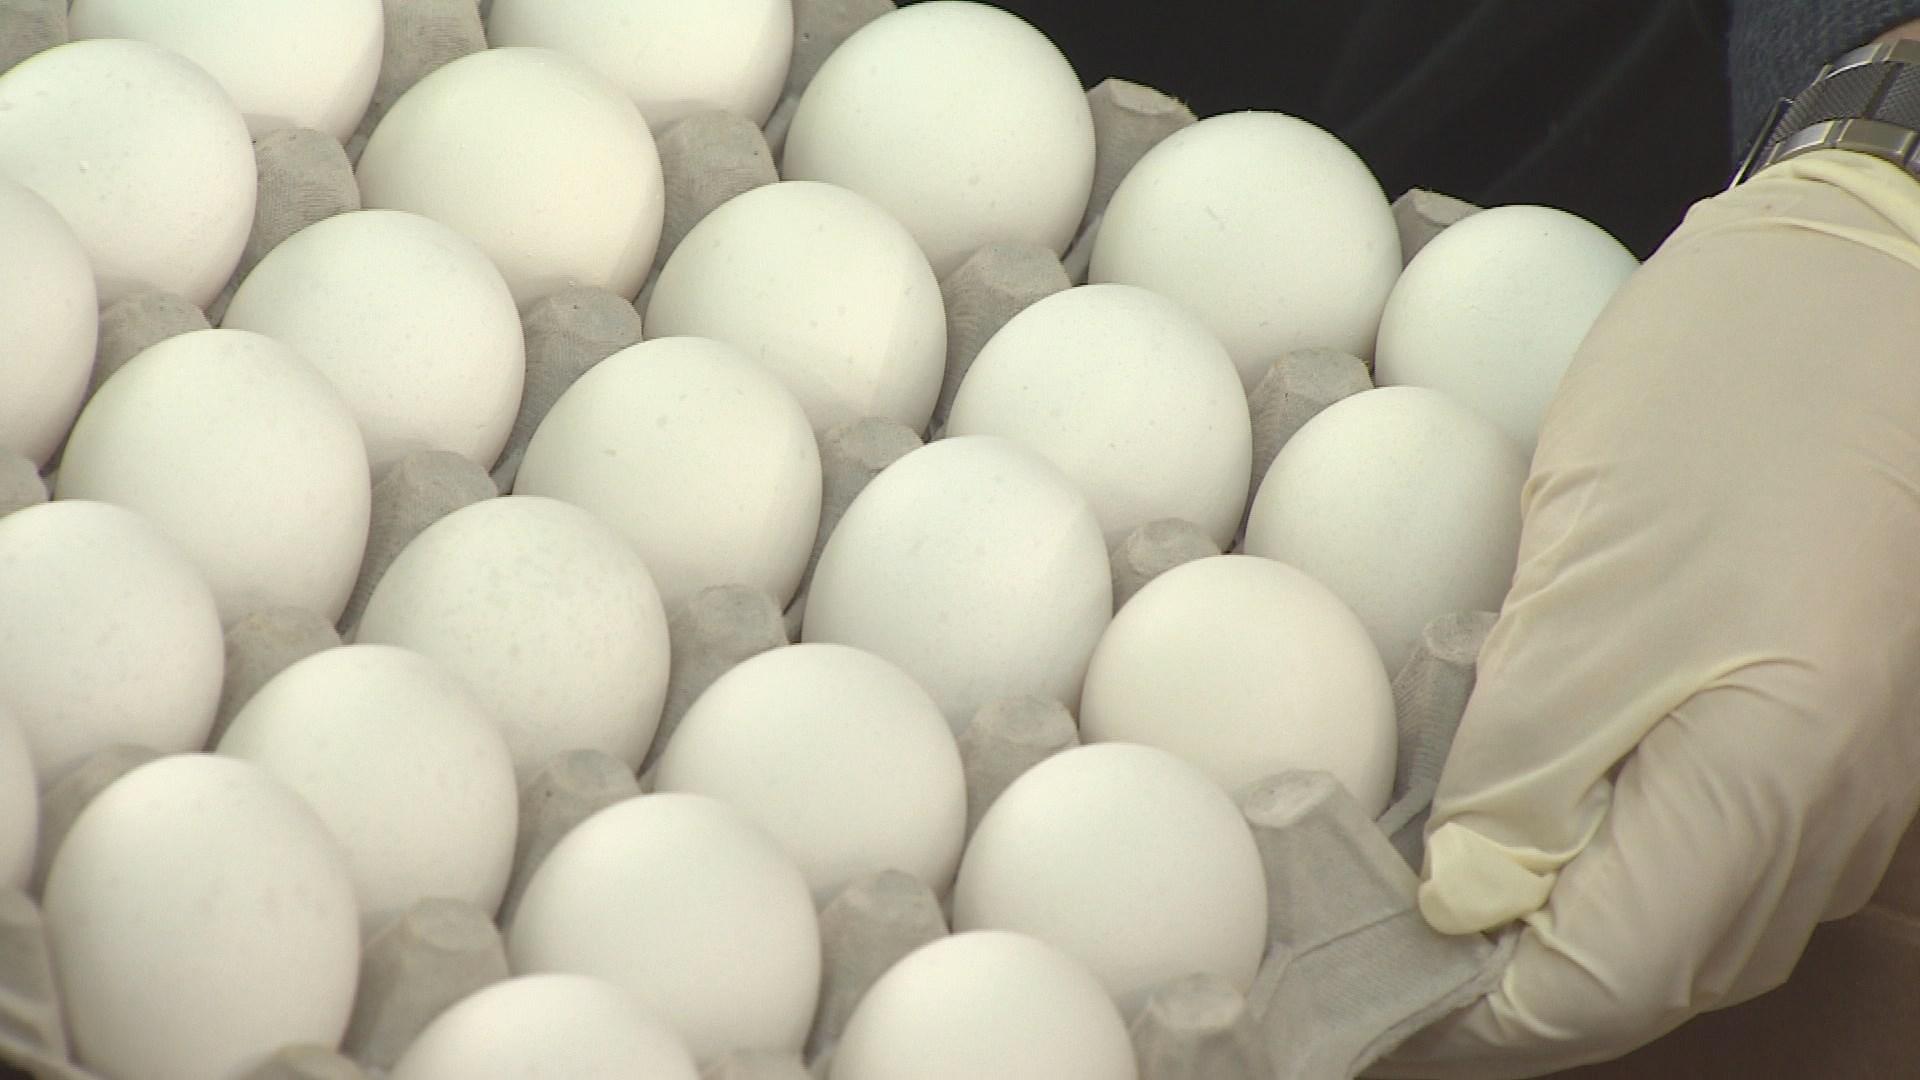 미국산 달걀 60t 수입…공매 입찰 거쳐 판매